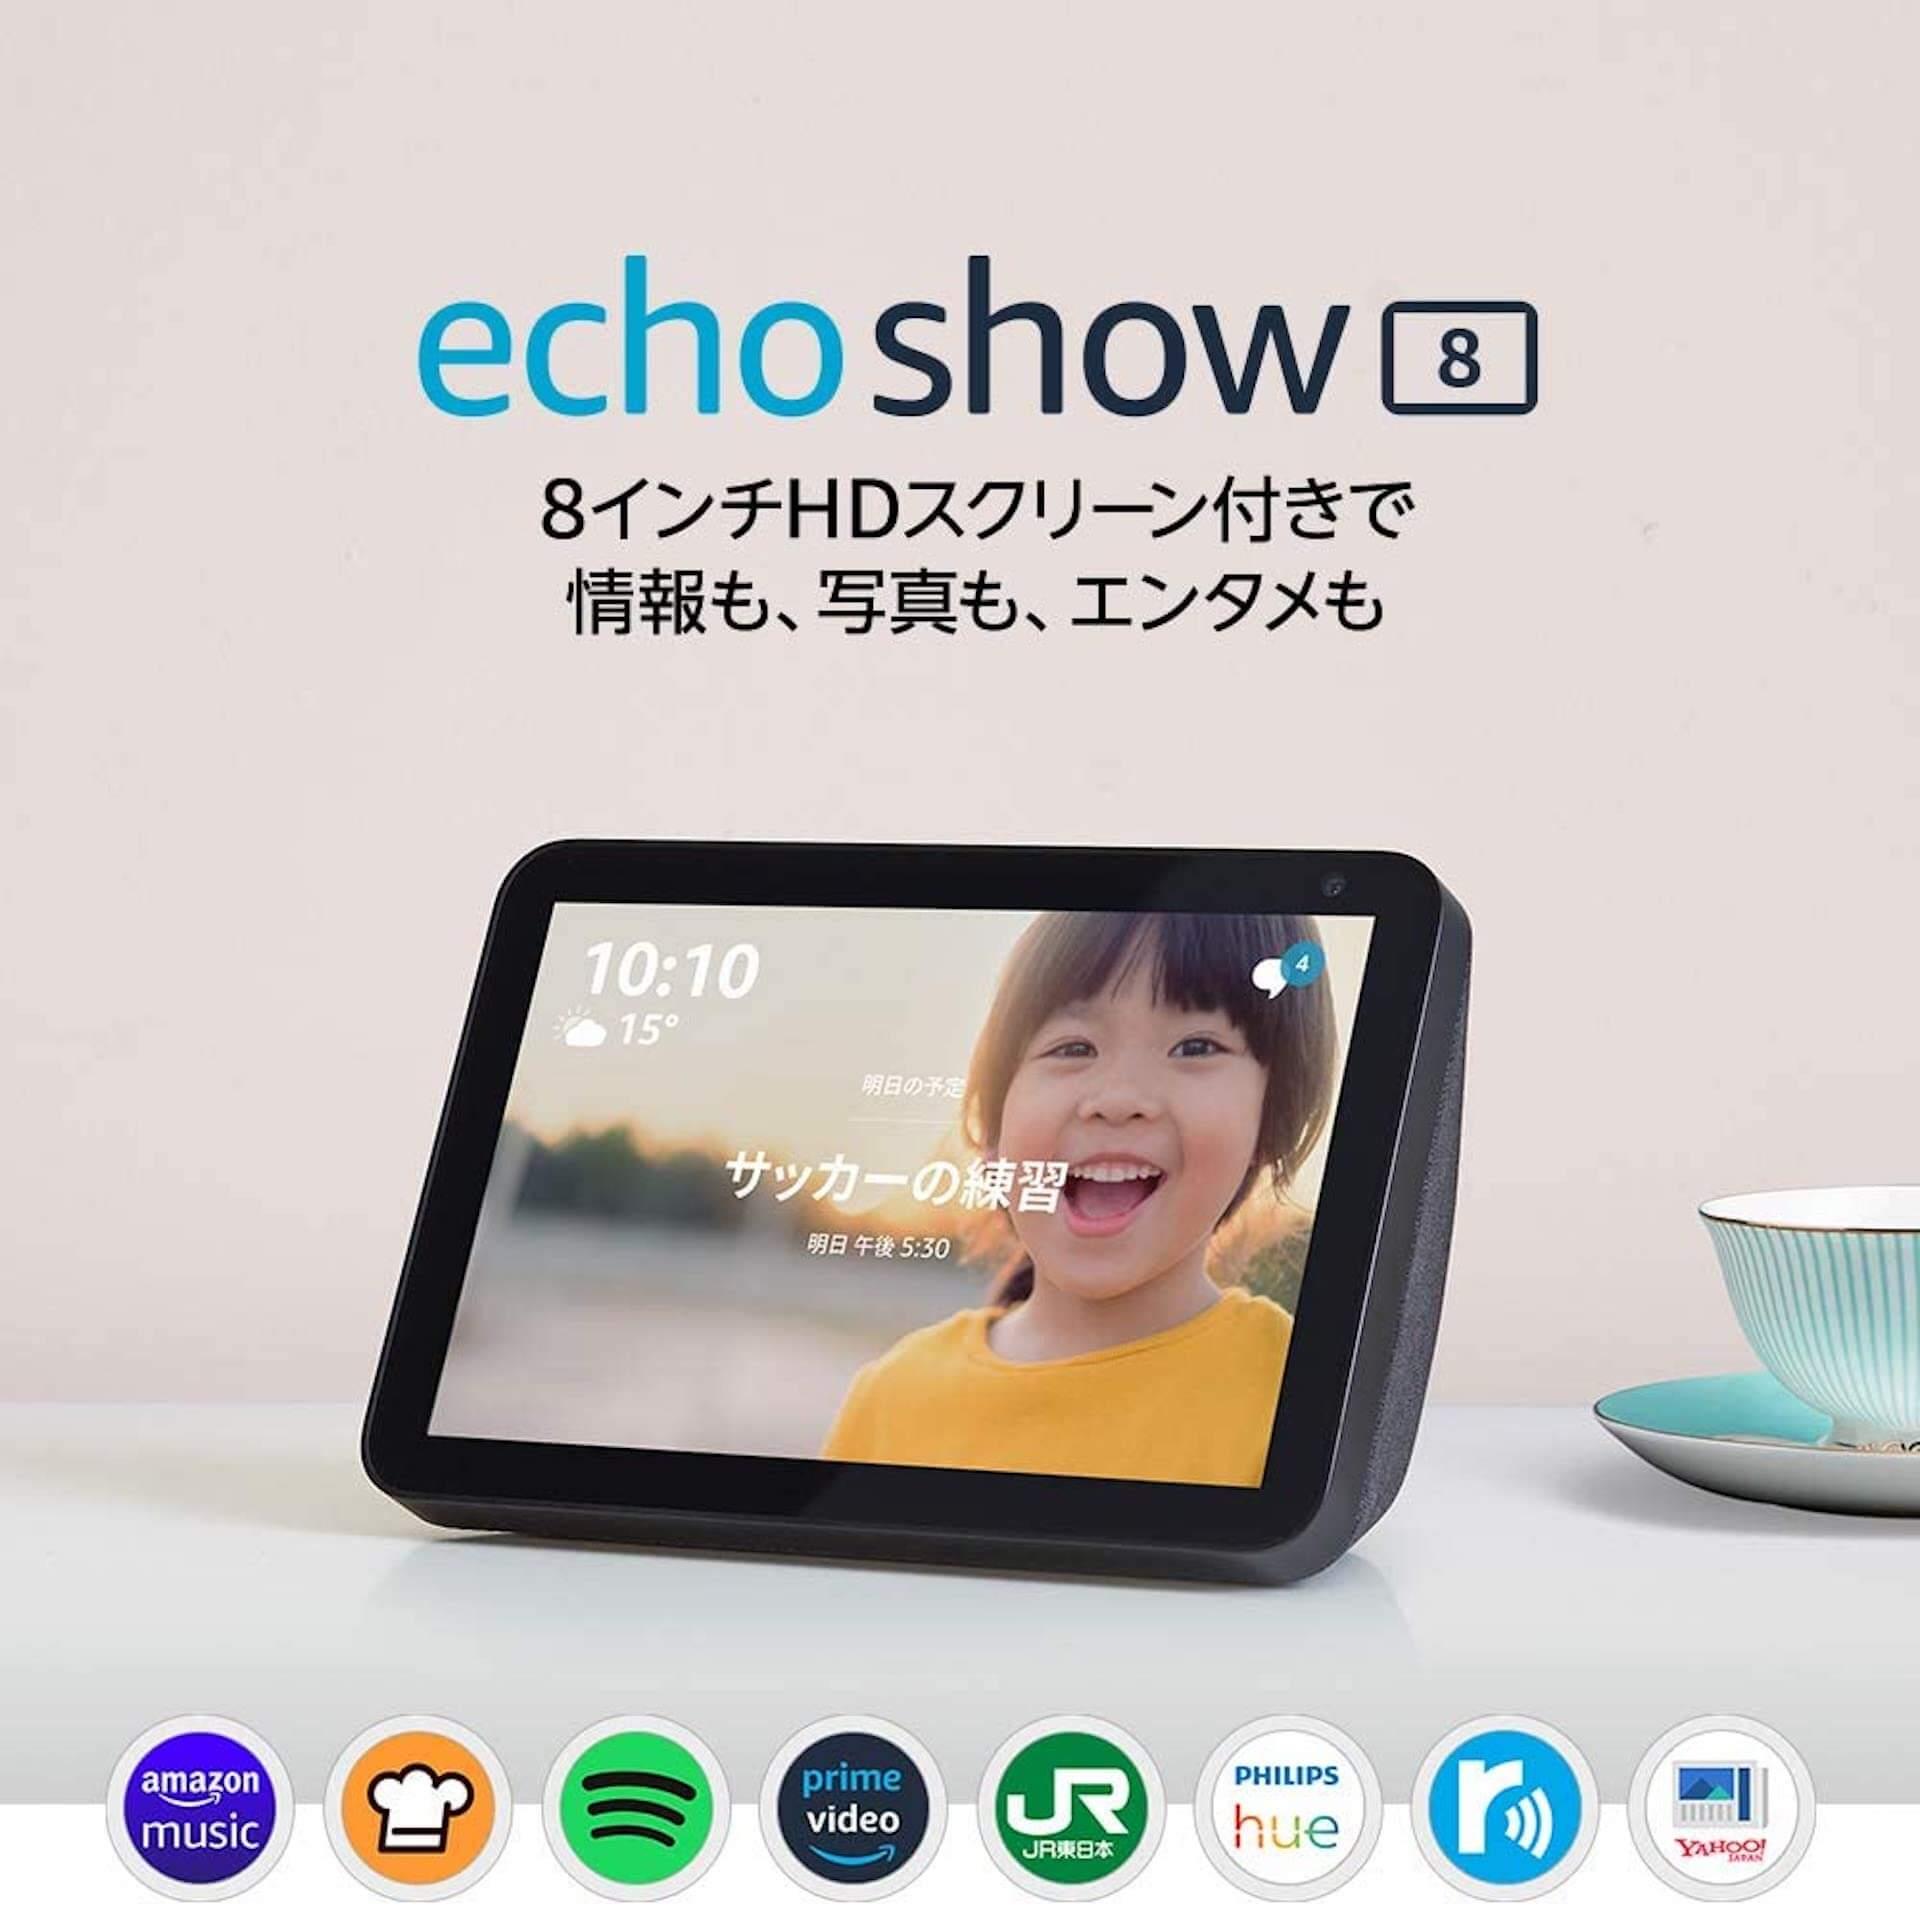 Amazonプライムデーの対象商品第1弾が発表!13インチMacBook Proに「アベンジャーズ」シリーズMovieNEX19巻セットまで tech201001_amazonprimeday_5